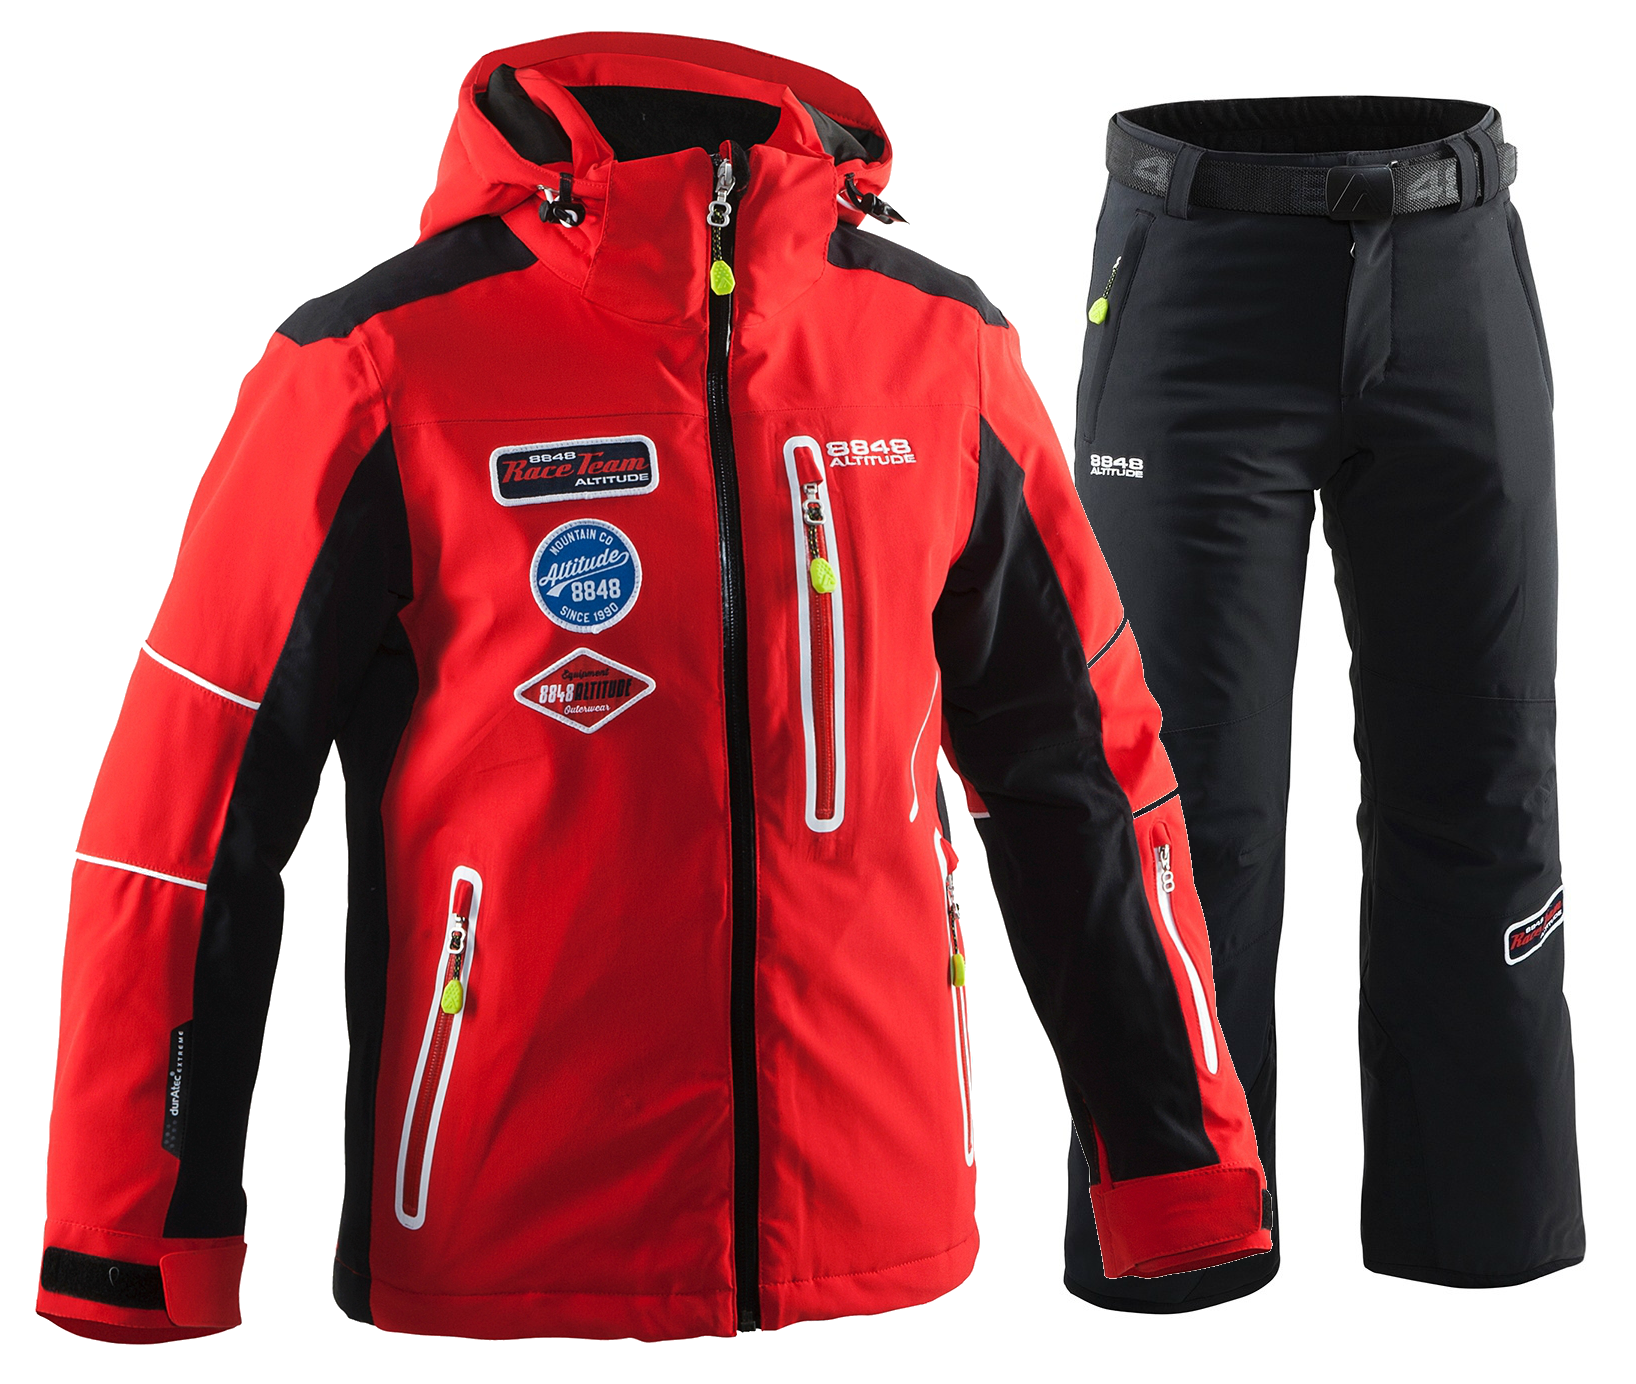 Детский горнолыжный костюм 8848 Altitude Challenge-Track (860803-861008) по расродаже